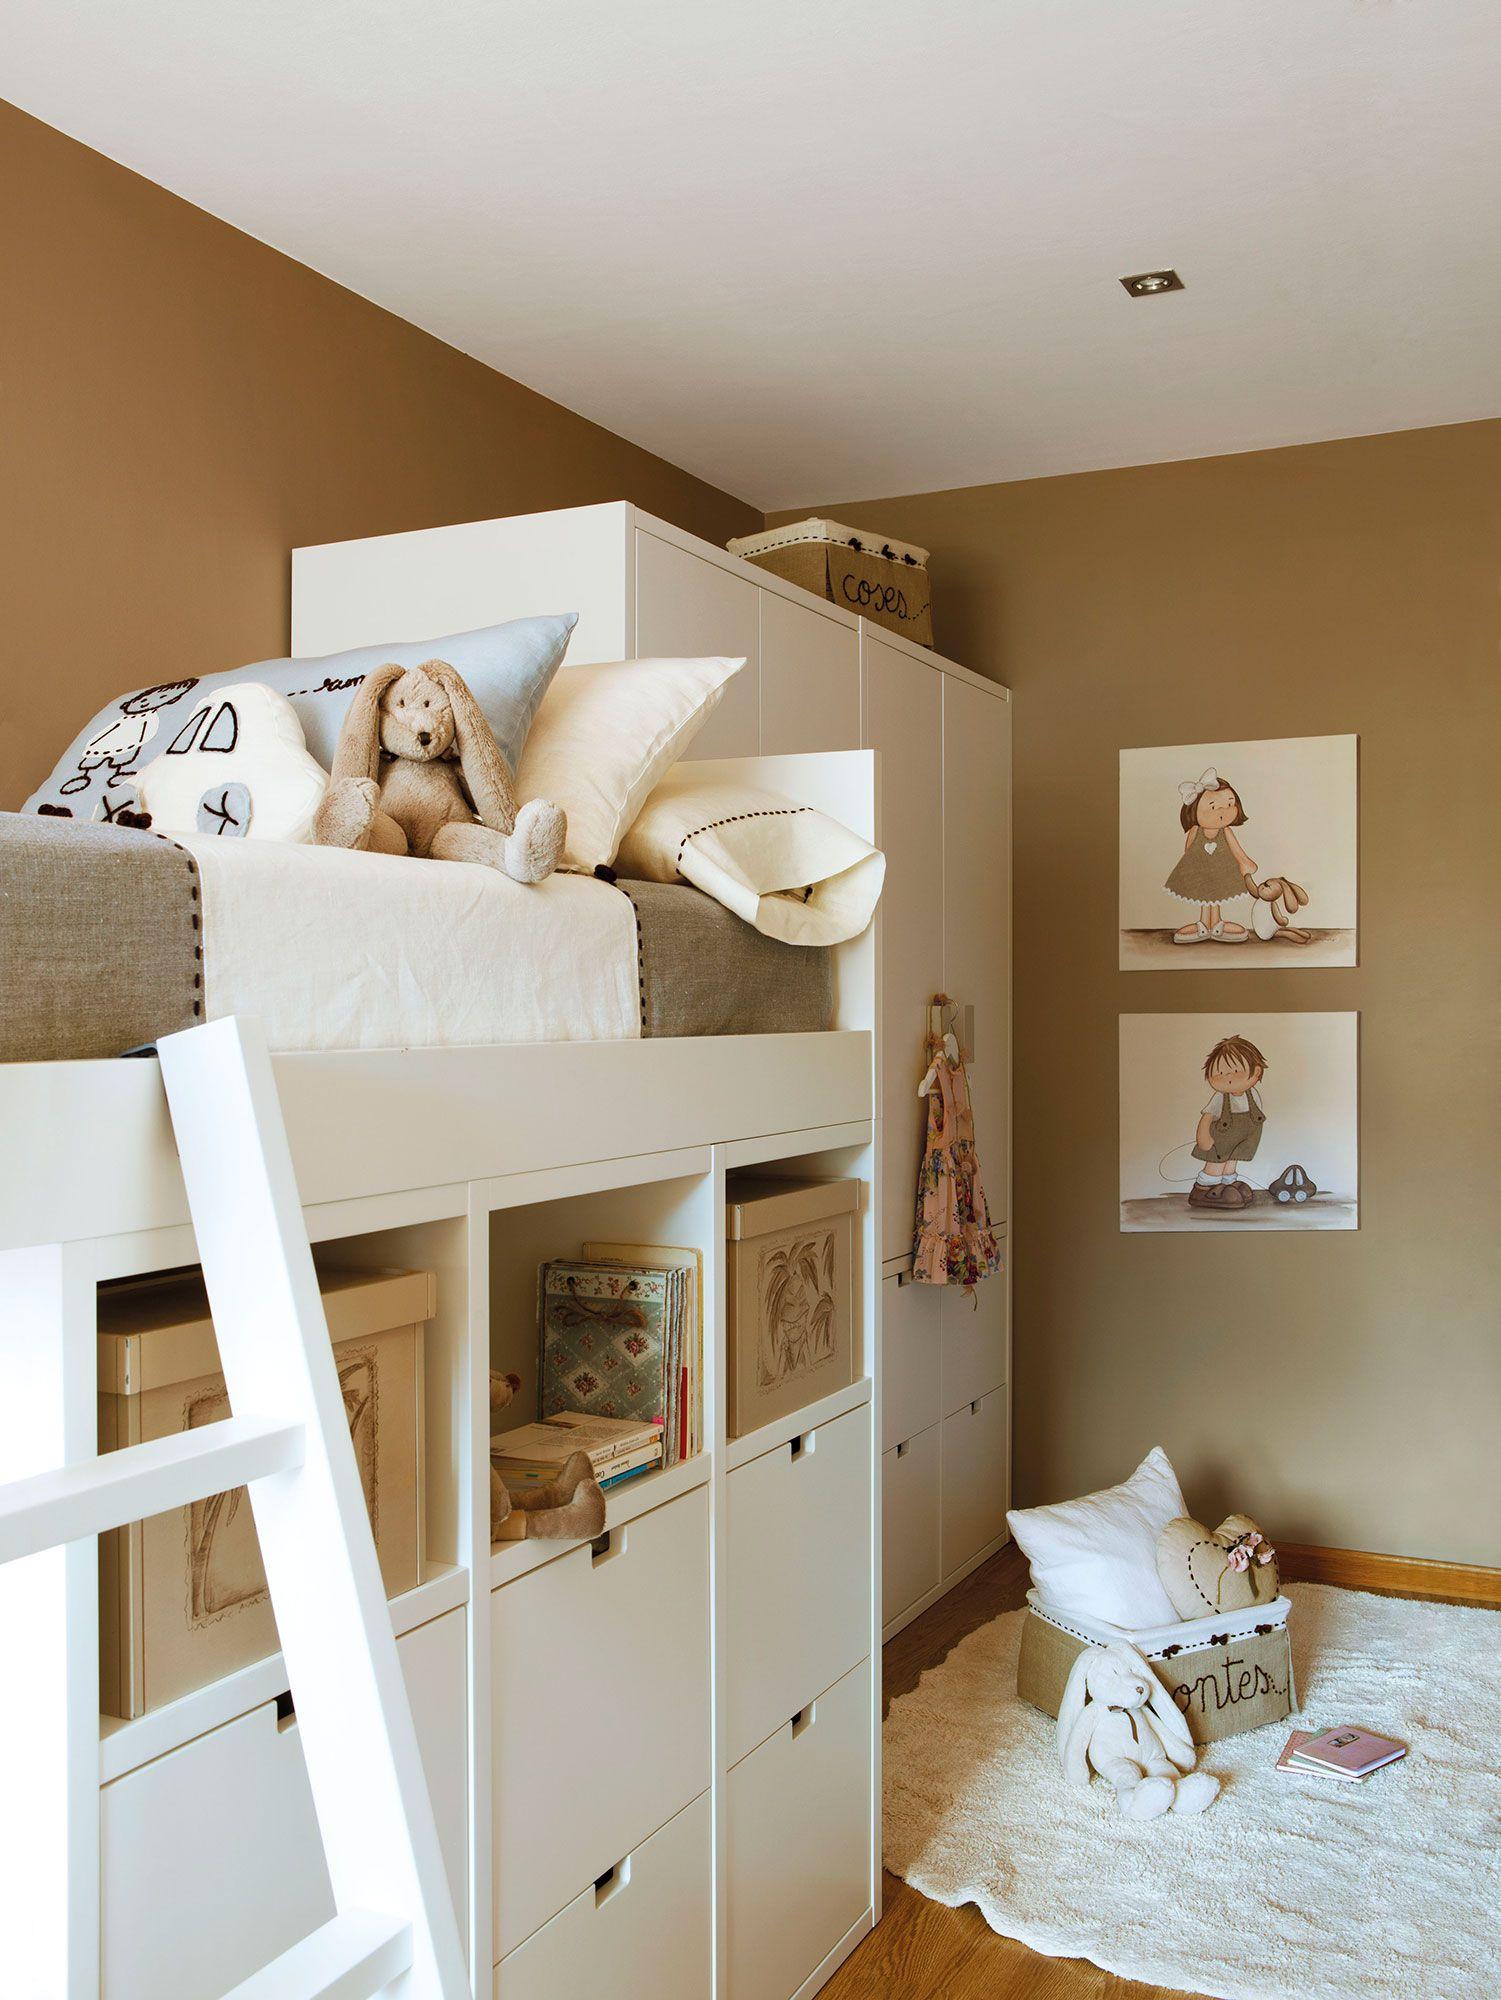 Decoracion Habitacion Infantil Paredes Imagen Dormitorio  ~ Decoracion Pared Habitacion Infantil